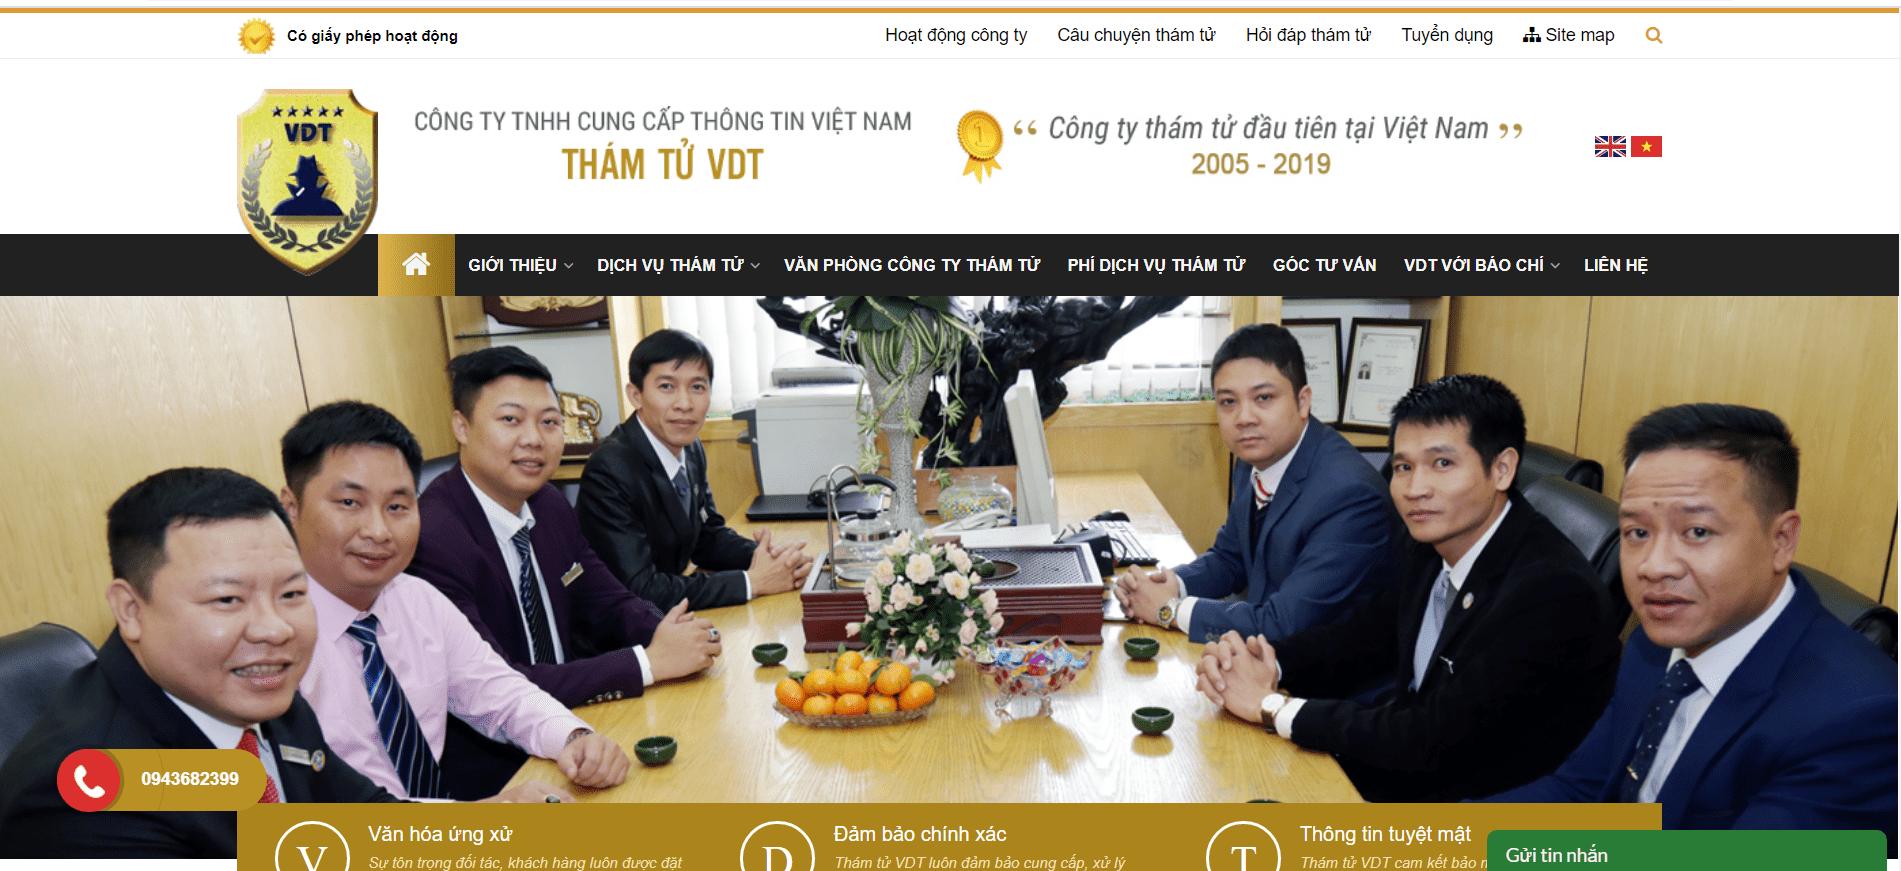 Thám tử VDT Hà Nội